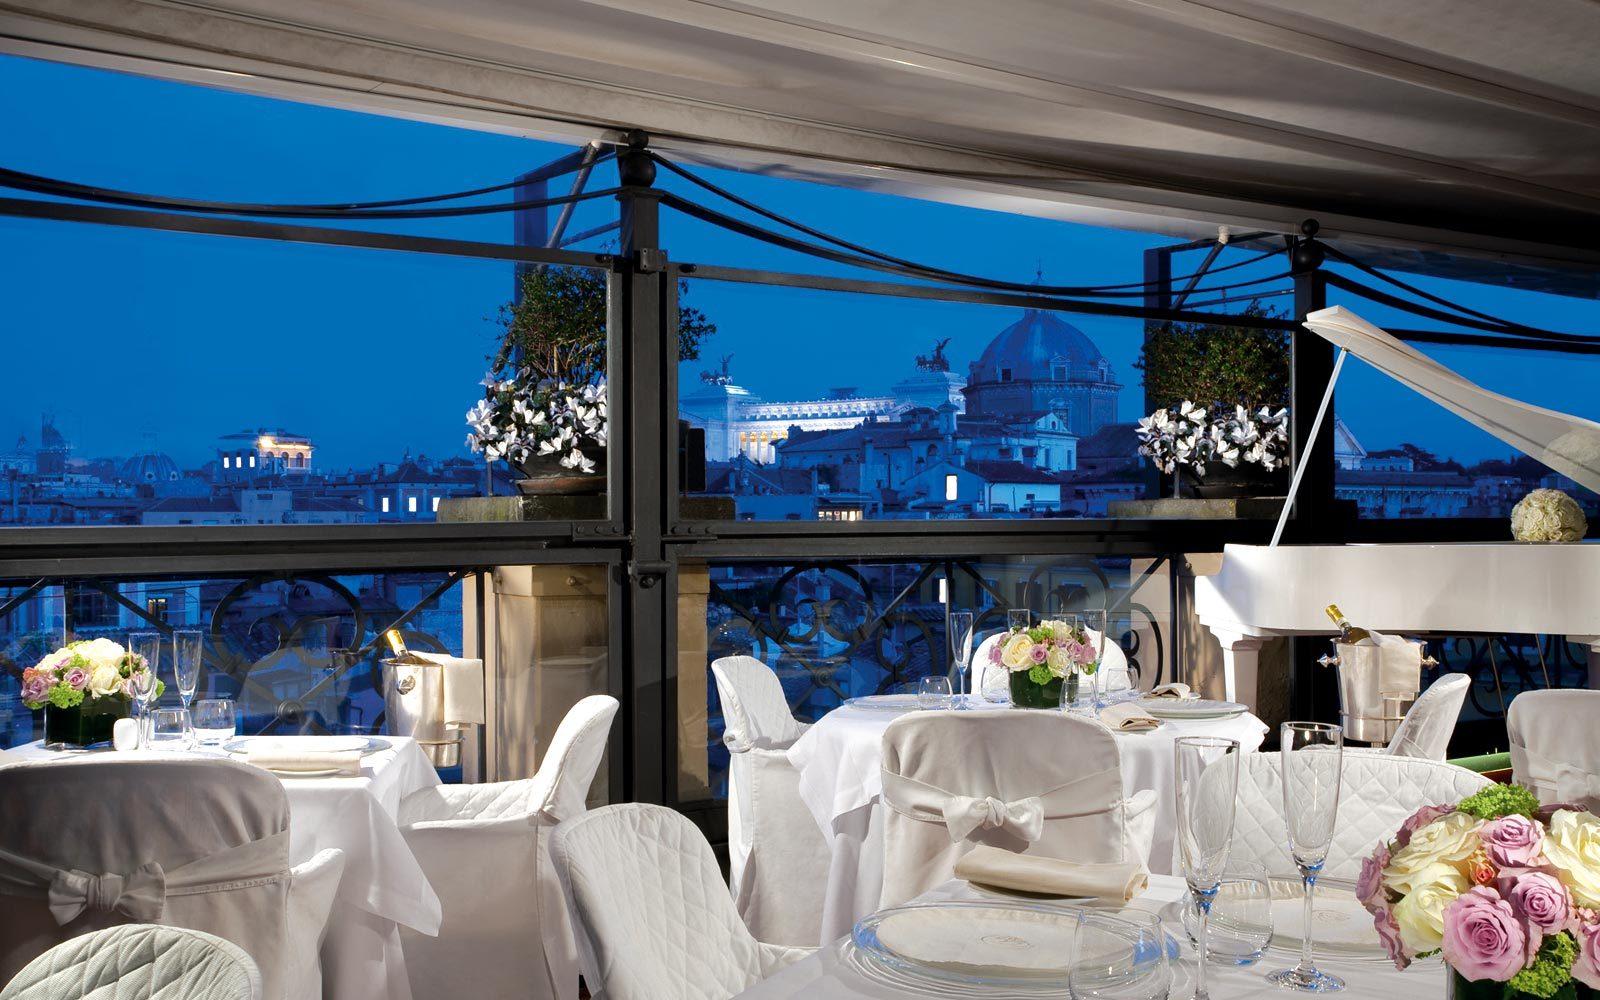 5 Star Luxury Hotel In Rome Banqueting Grand Hotel De La